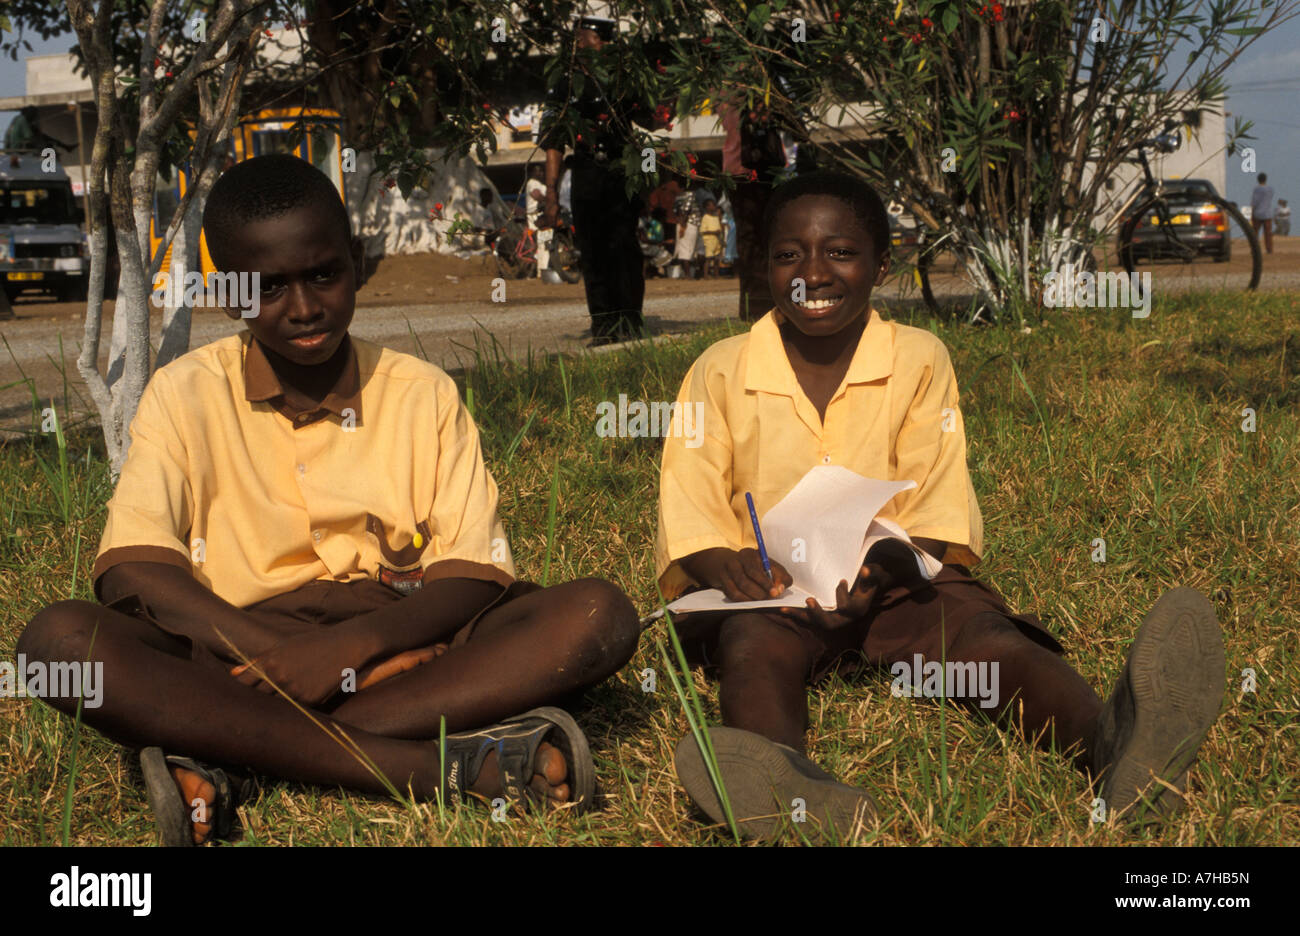 school children in school uniform, Ho, Volta region, Ghana - Stock Image